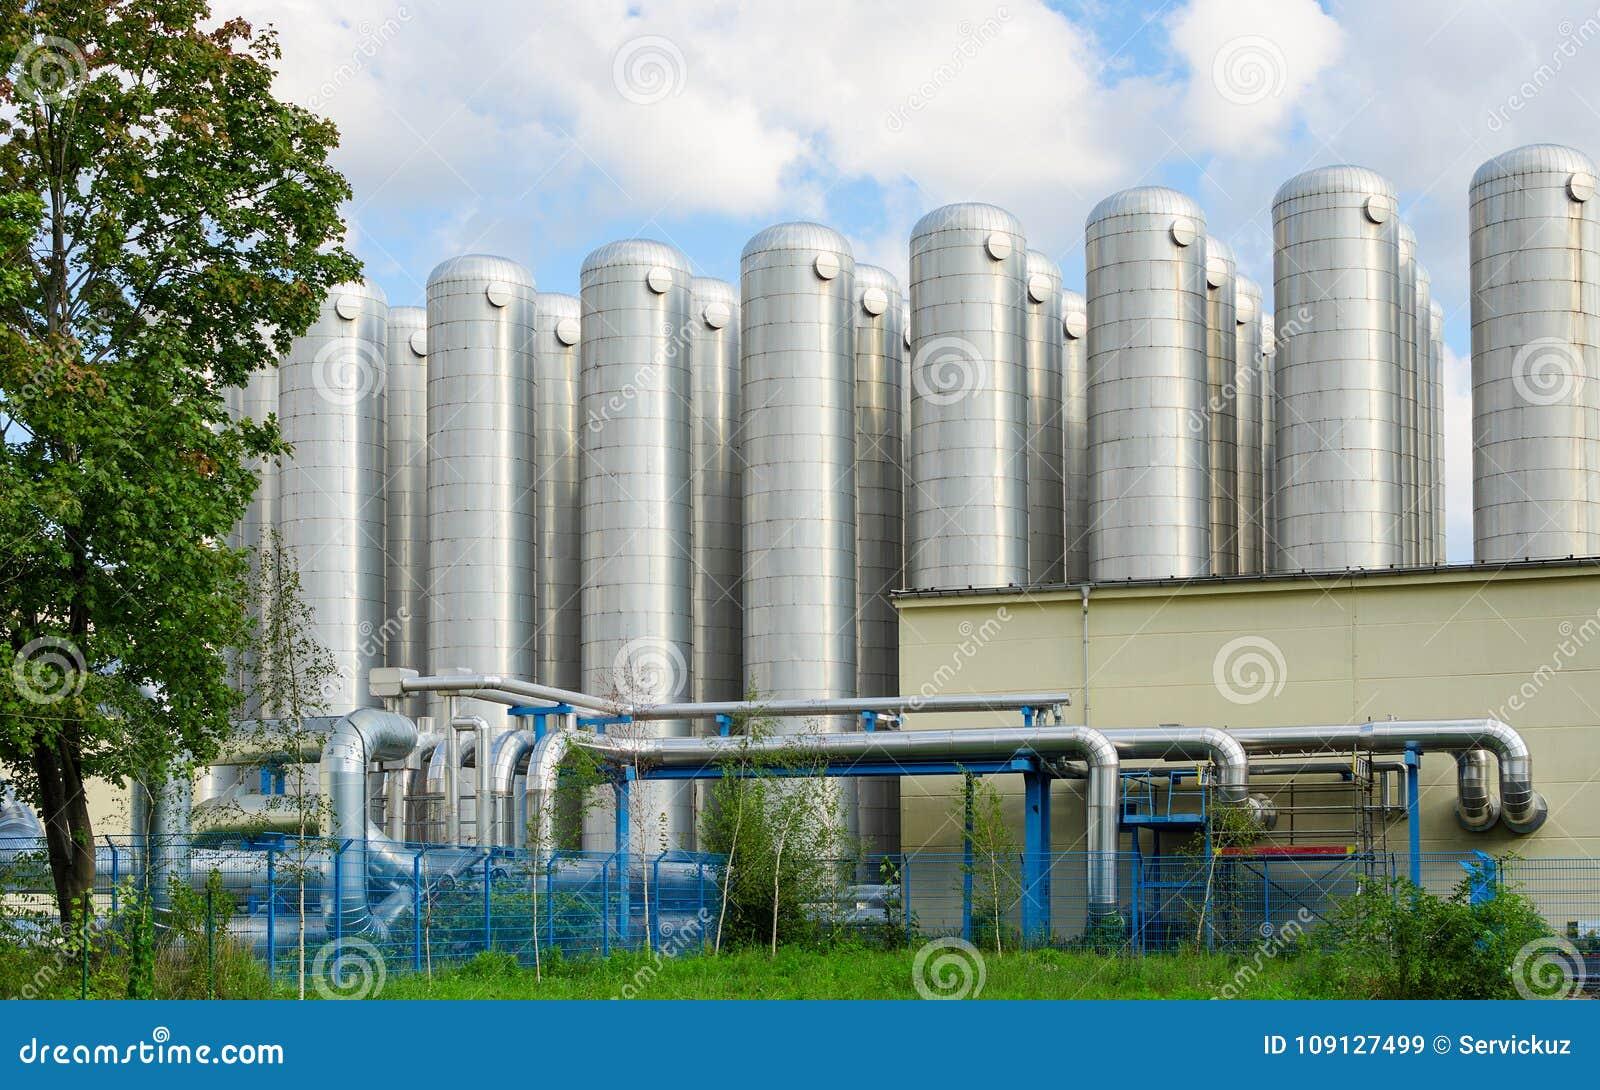 De tanks van de wateropslag in milieuvriendelijk industrieel behandelings van afvalwatersysteem